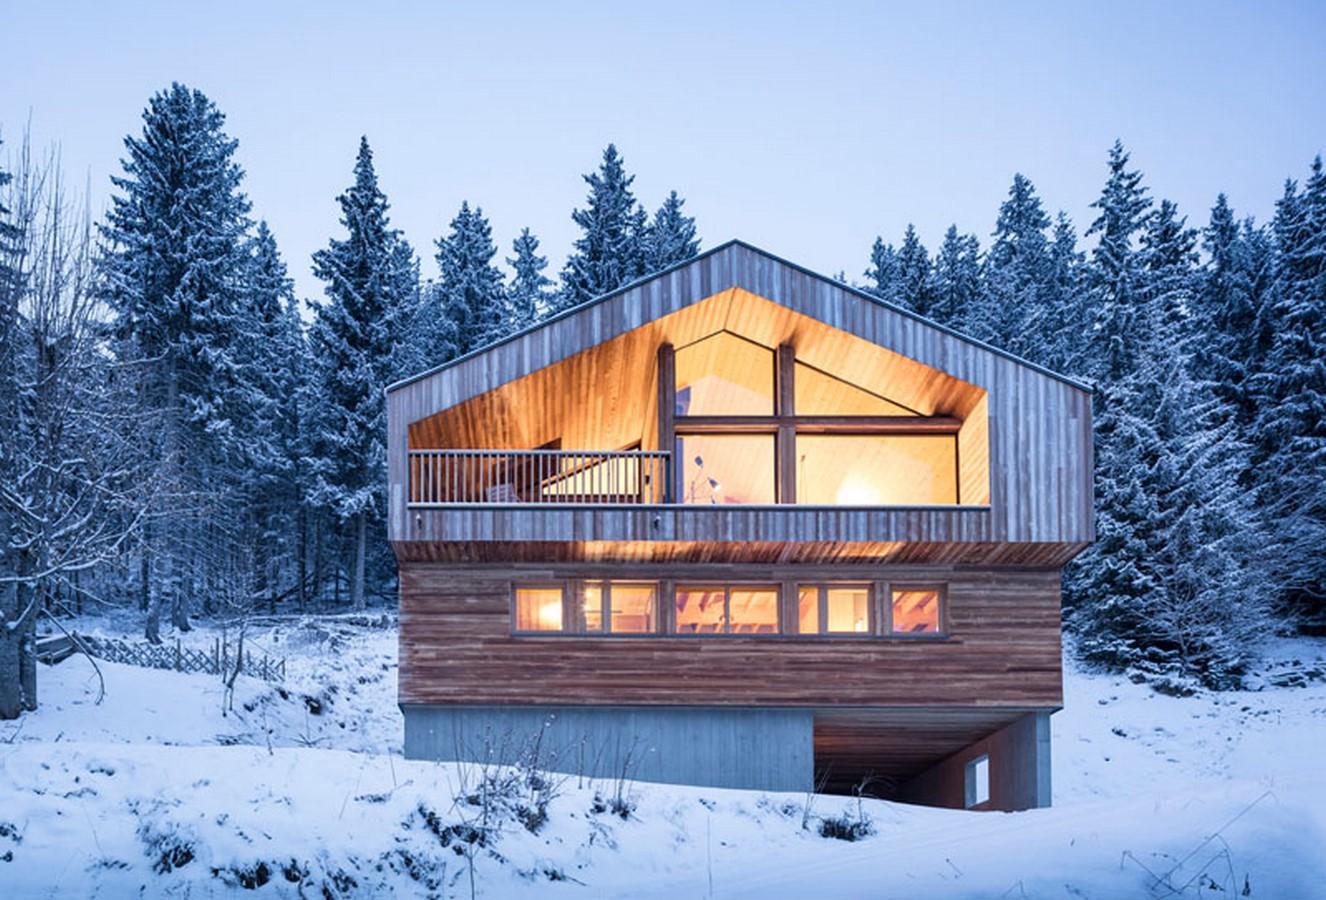 Mountain House - Studio Razavi Architecture - Sheet2